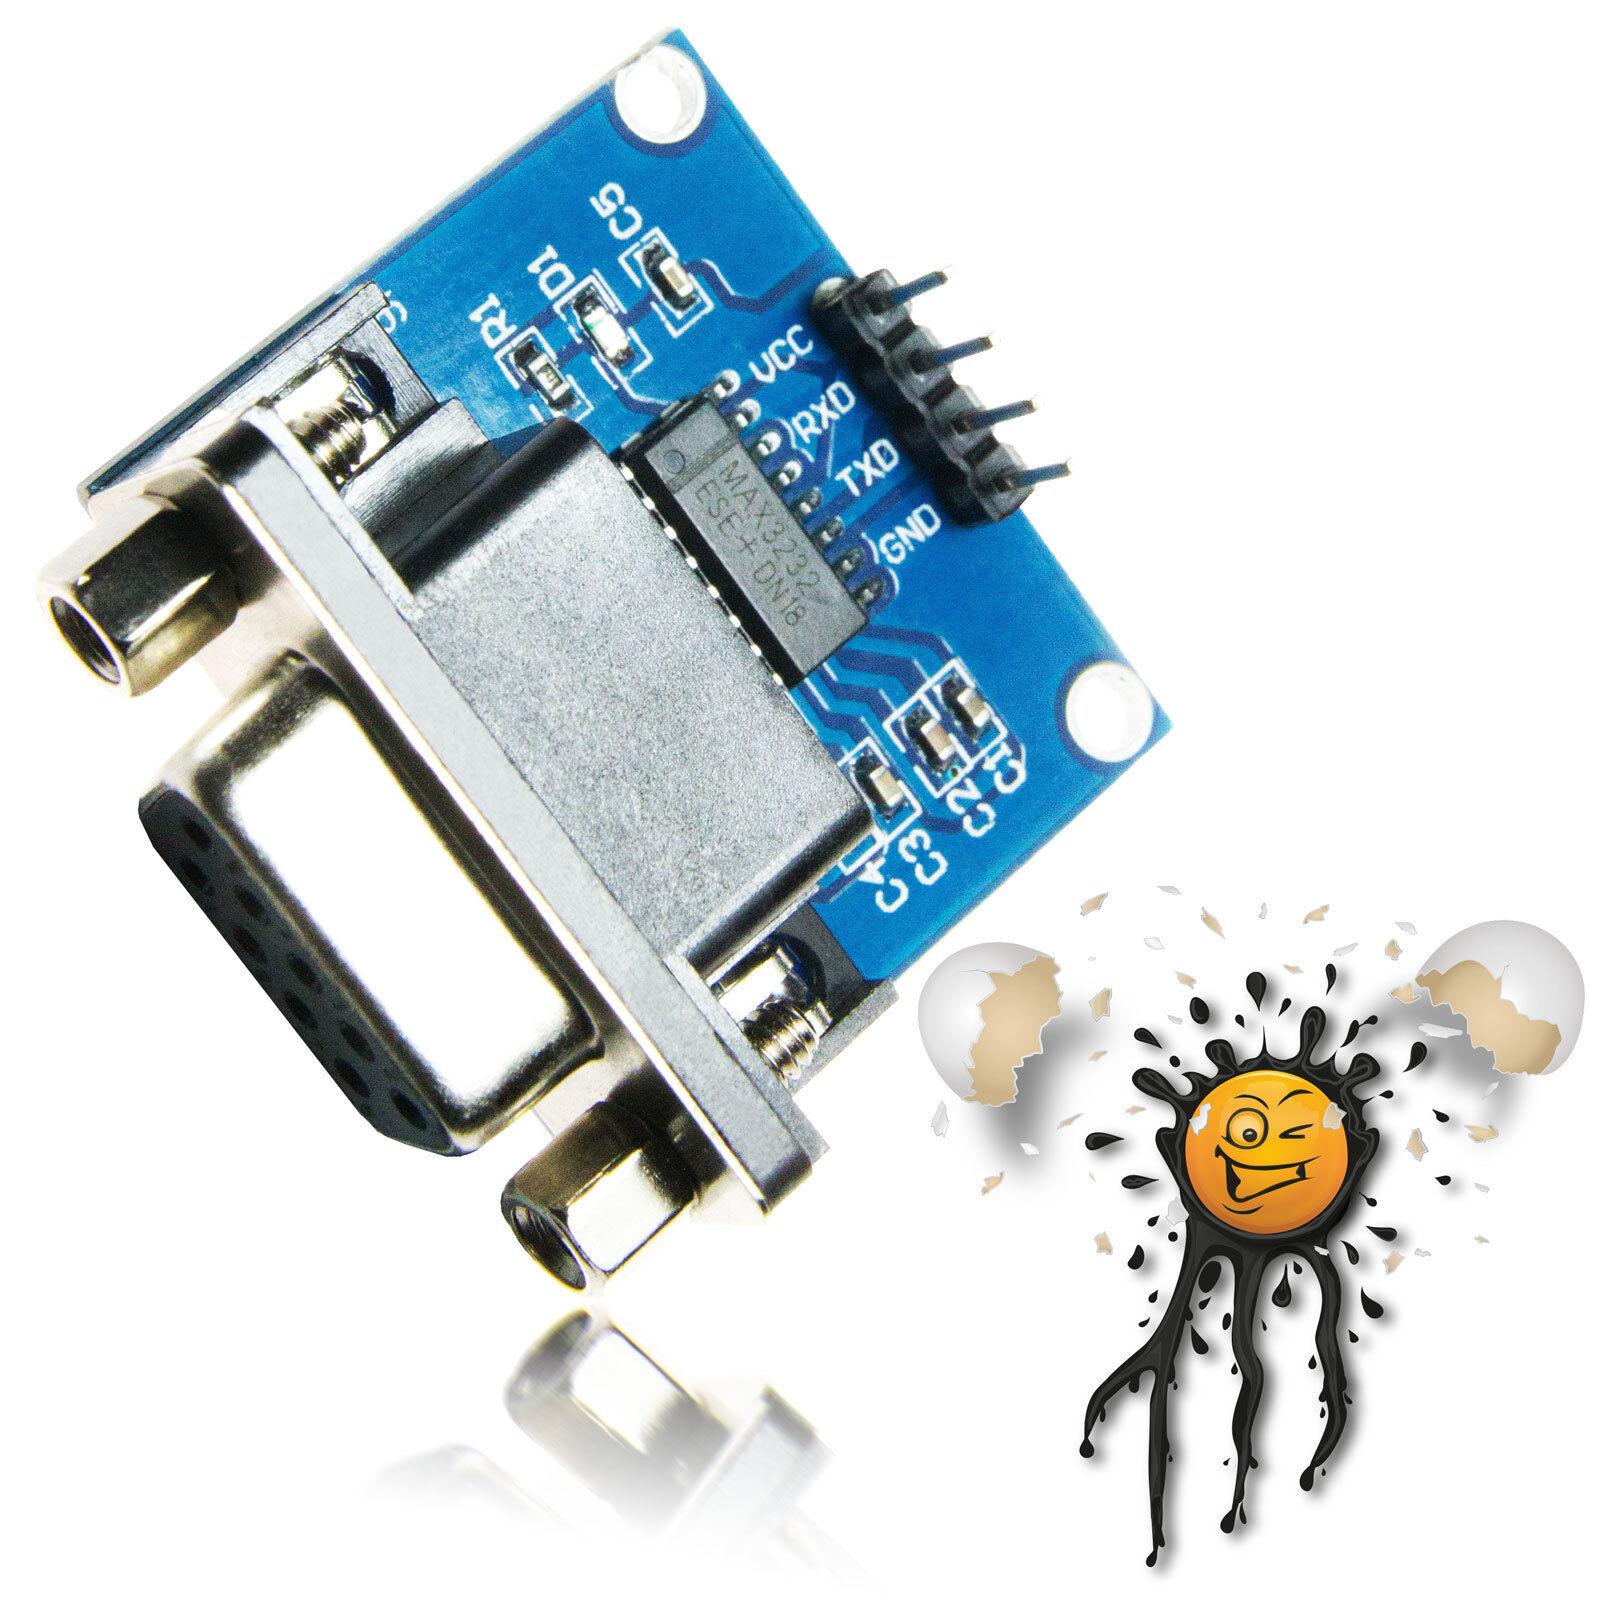 RS232 UART USB TTL seriell Konverter HL-340 CH340 IoT Router Flash AT Com Kabel